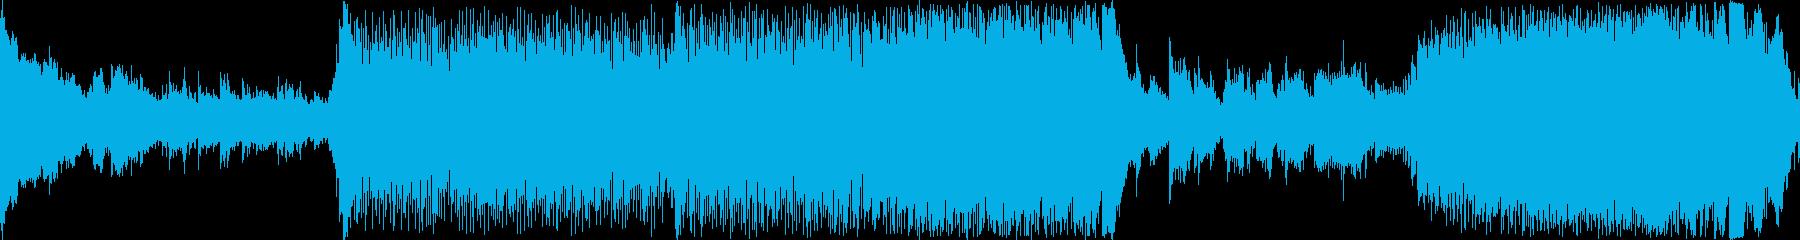 プログレッシブハウス。ハートビート...の再生済みの波形